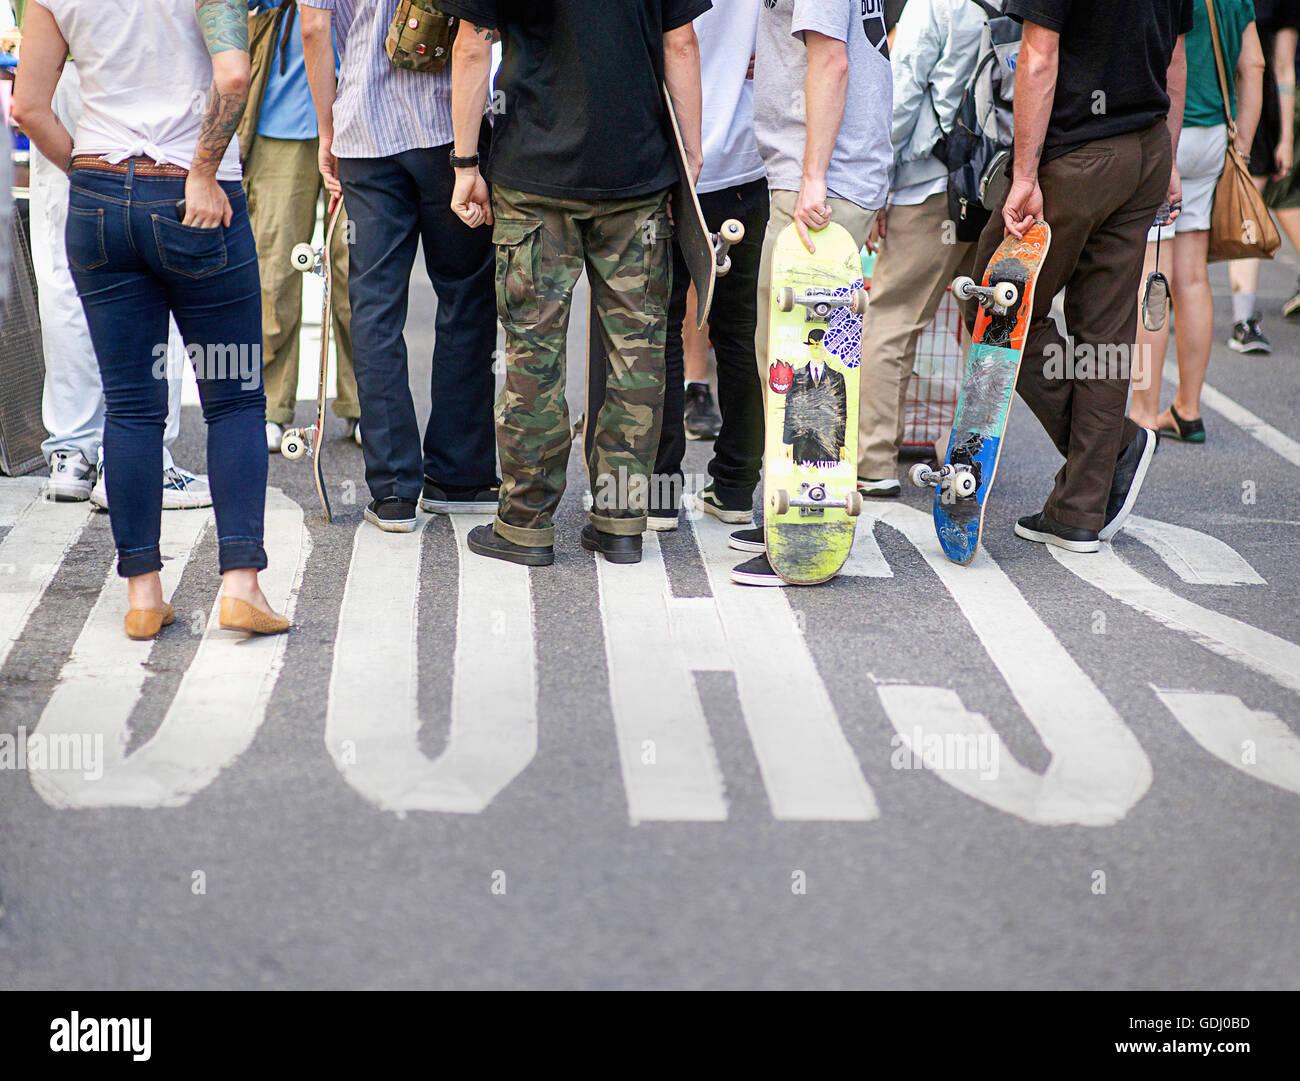 Un groupe de planchistes de traîner dans NYC. Photo Stock